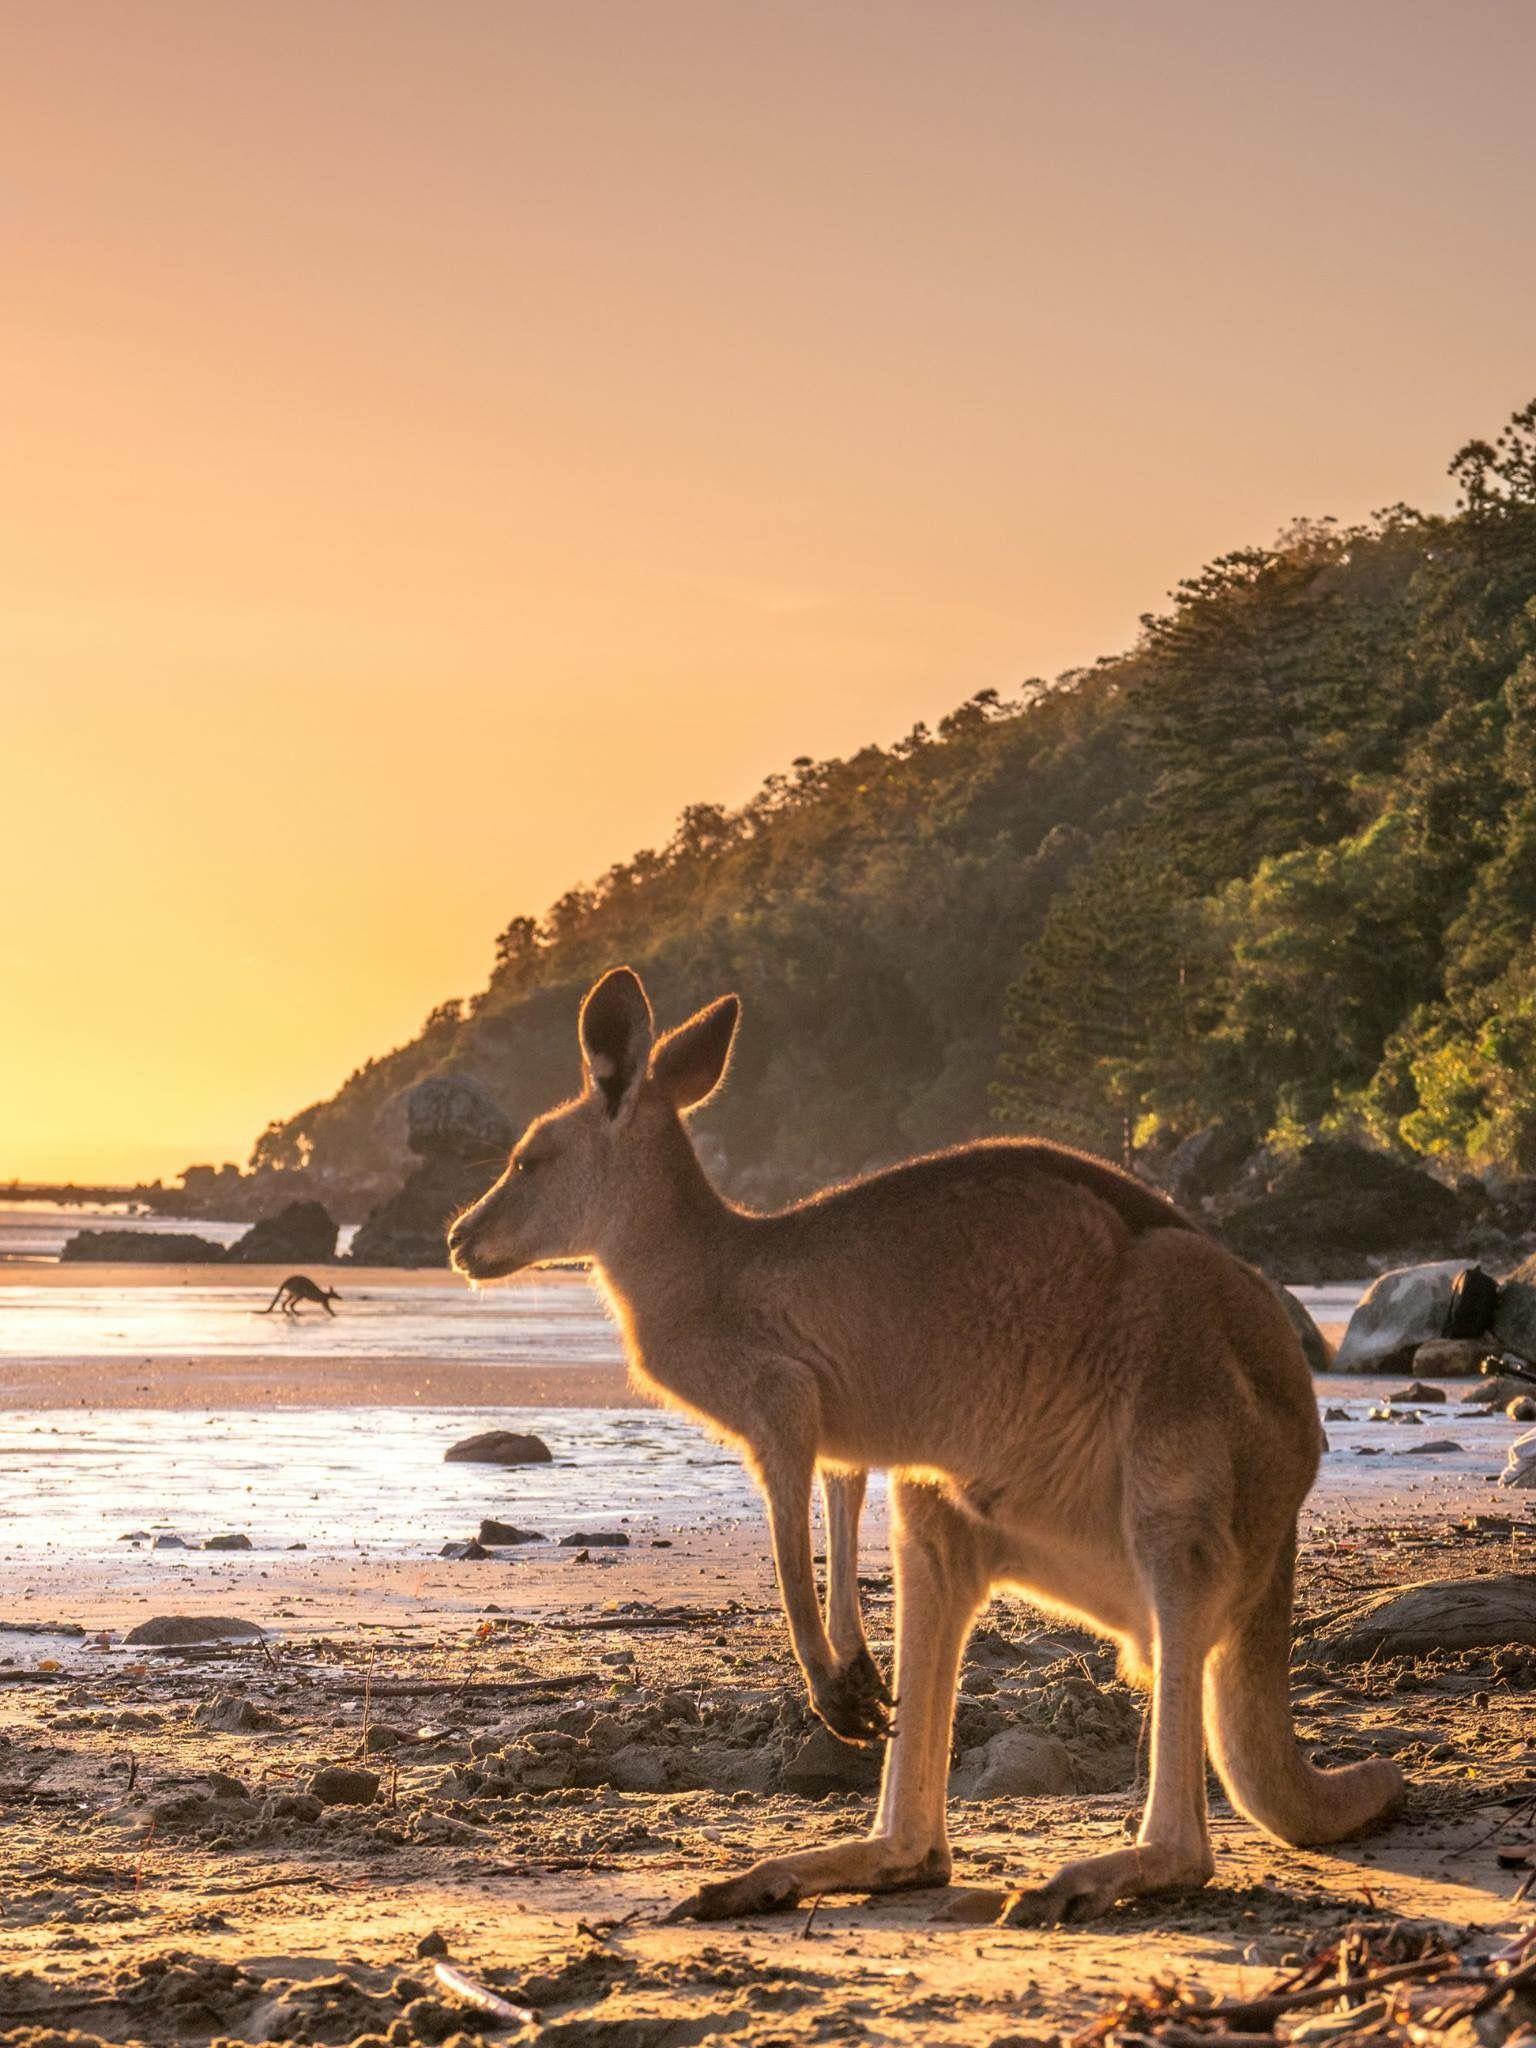 Cape Hillsborough, Queensland, Australia Indian ocean